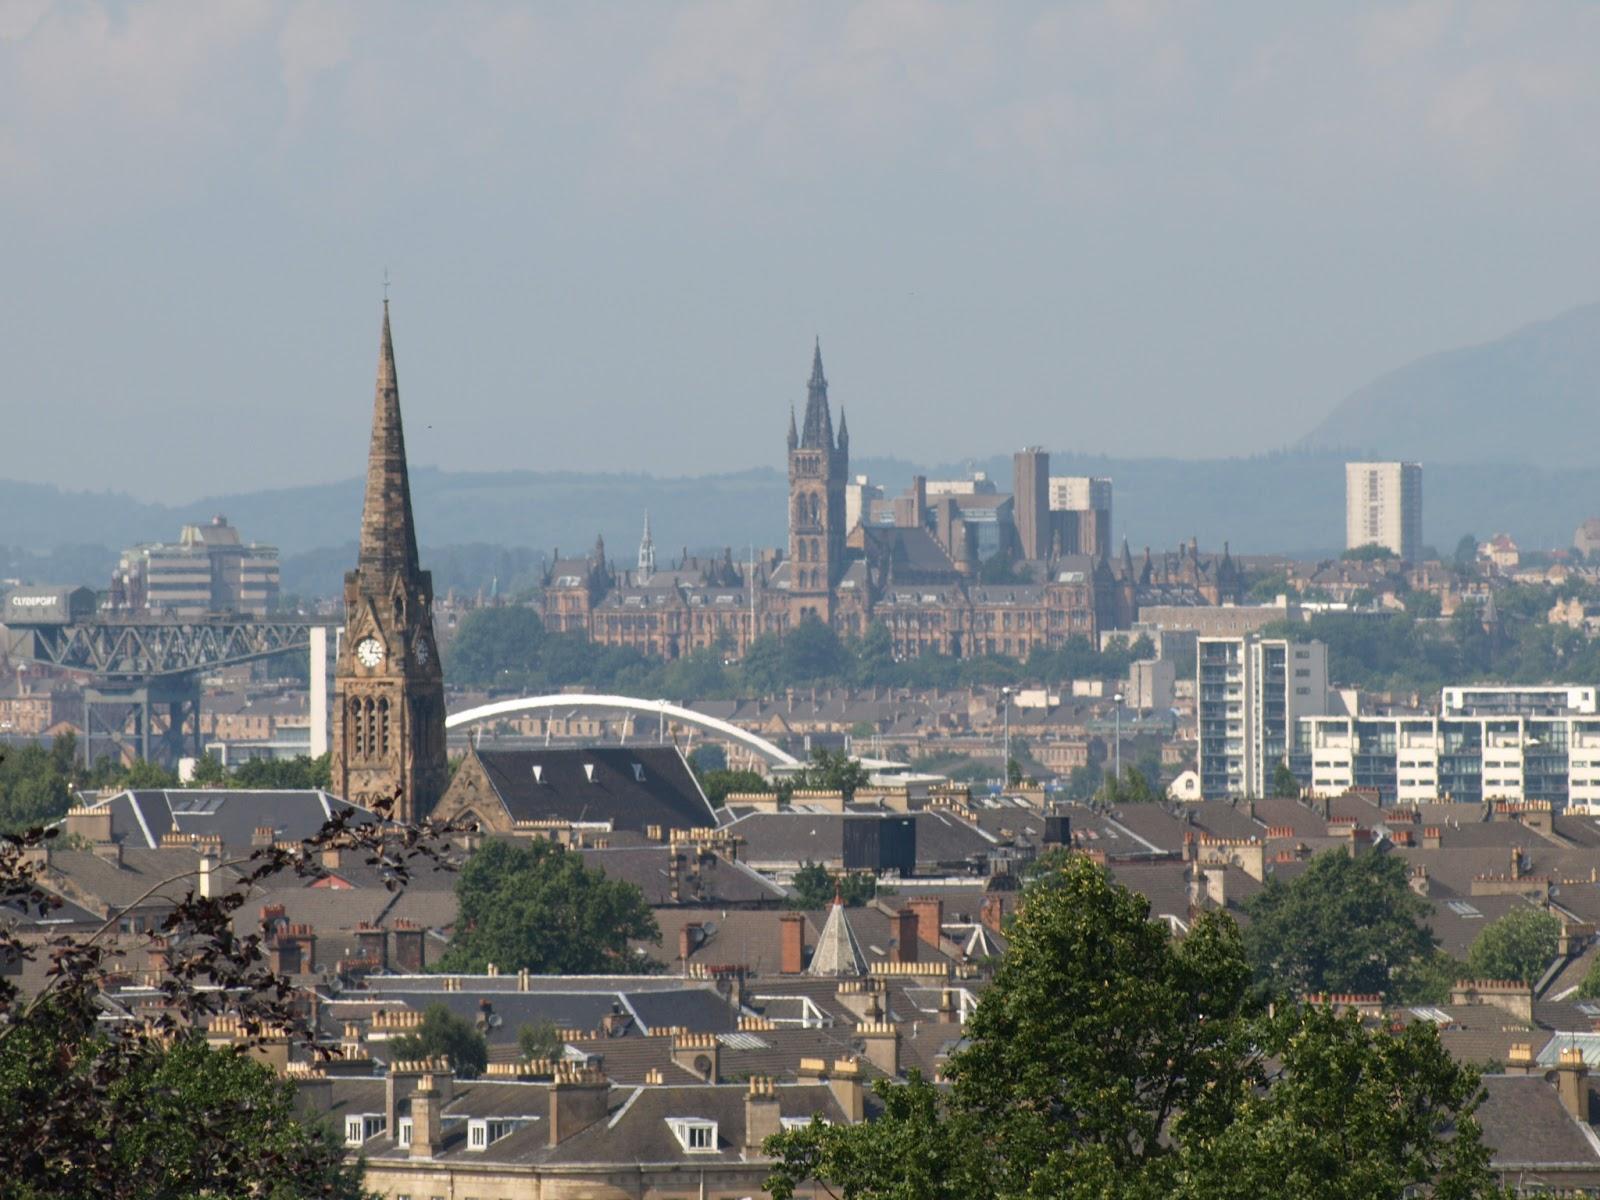 Glasgow United Kingdom  city photos gallery : ... to Glasgow Glesga, Glaschu , Scotland, United Kingdom, Europe